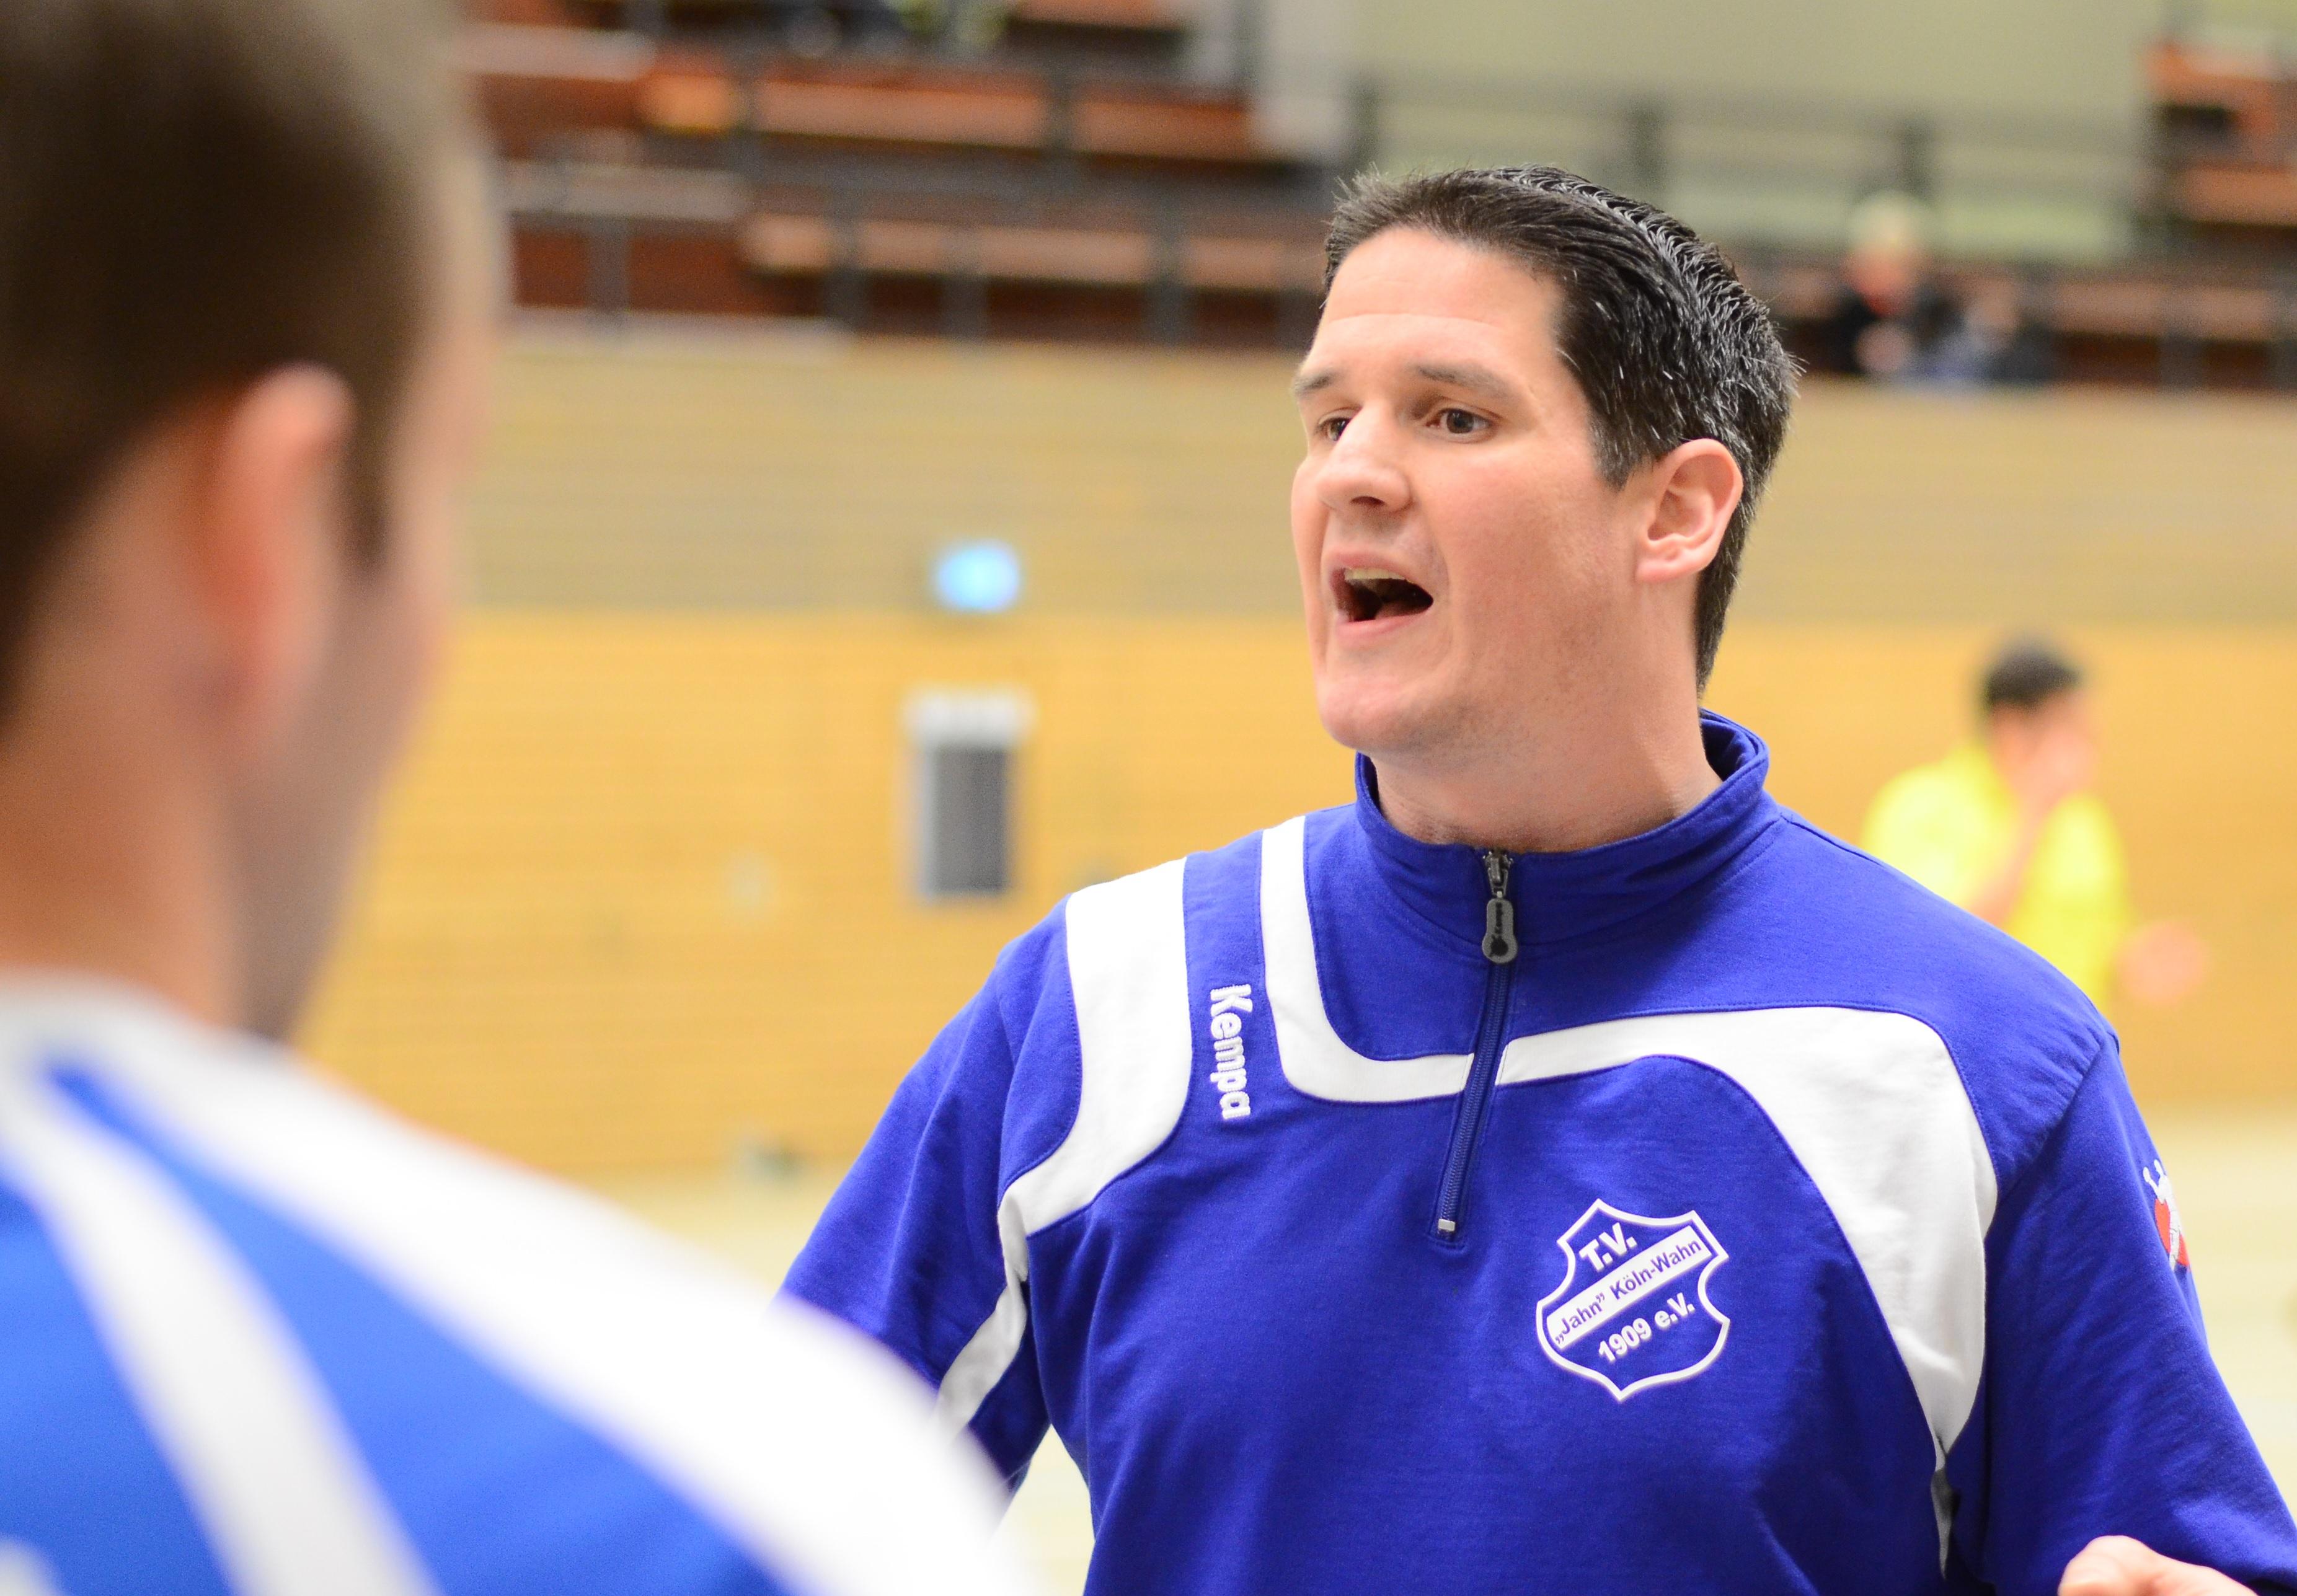 Lars Fabisch übernimmt sportliche Leitung der Jugend